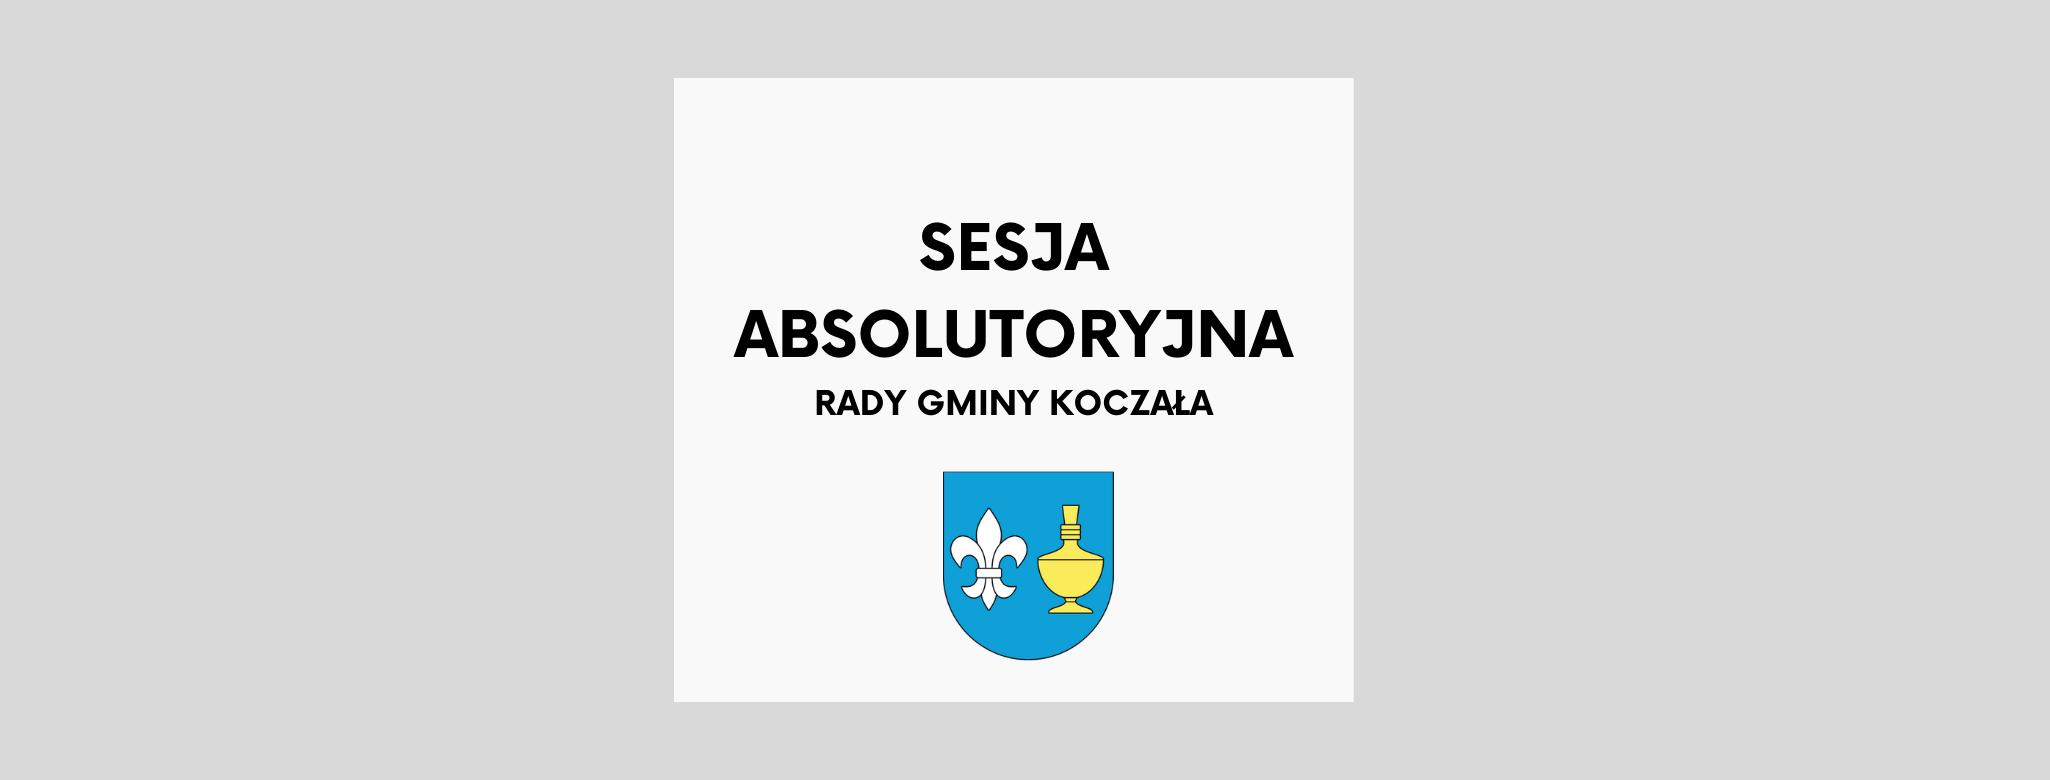 nagłówek graficzny o treści: sesja absolutoryjna Rady Gminy Koczała, pod napisem herb Gminy Koczała